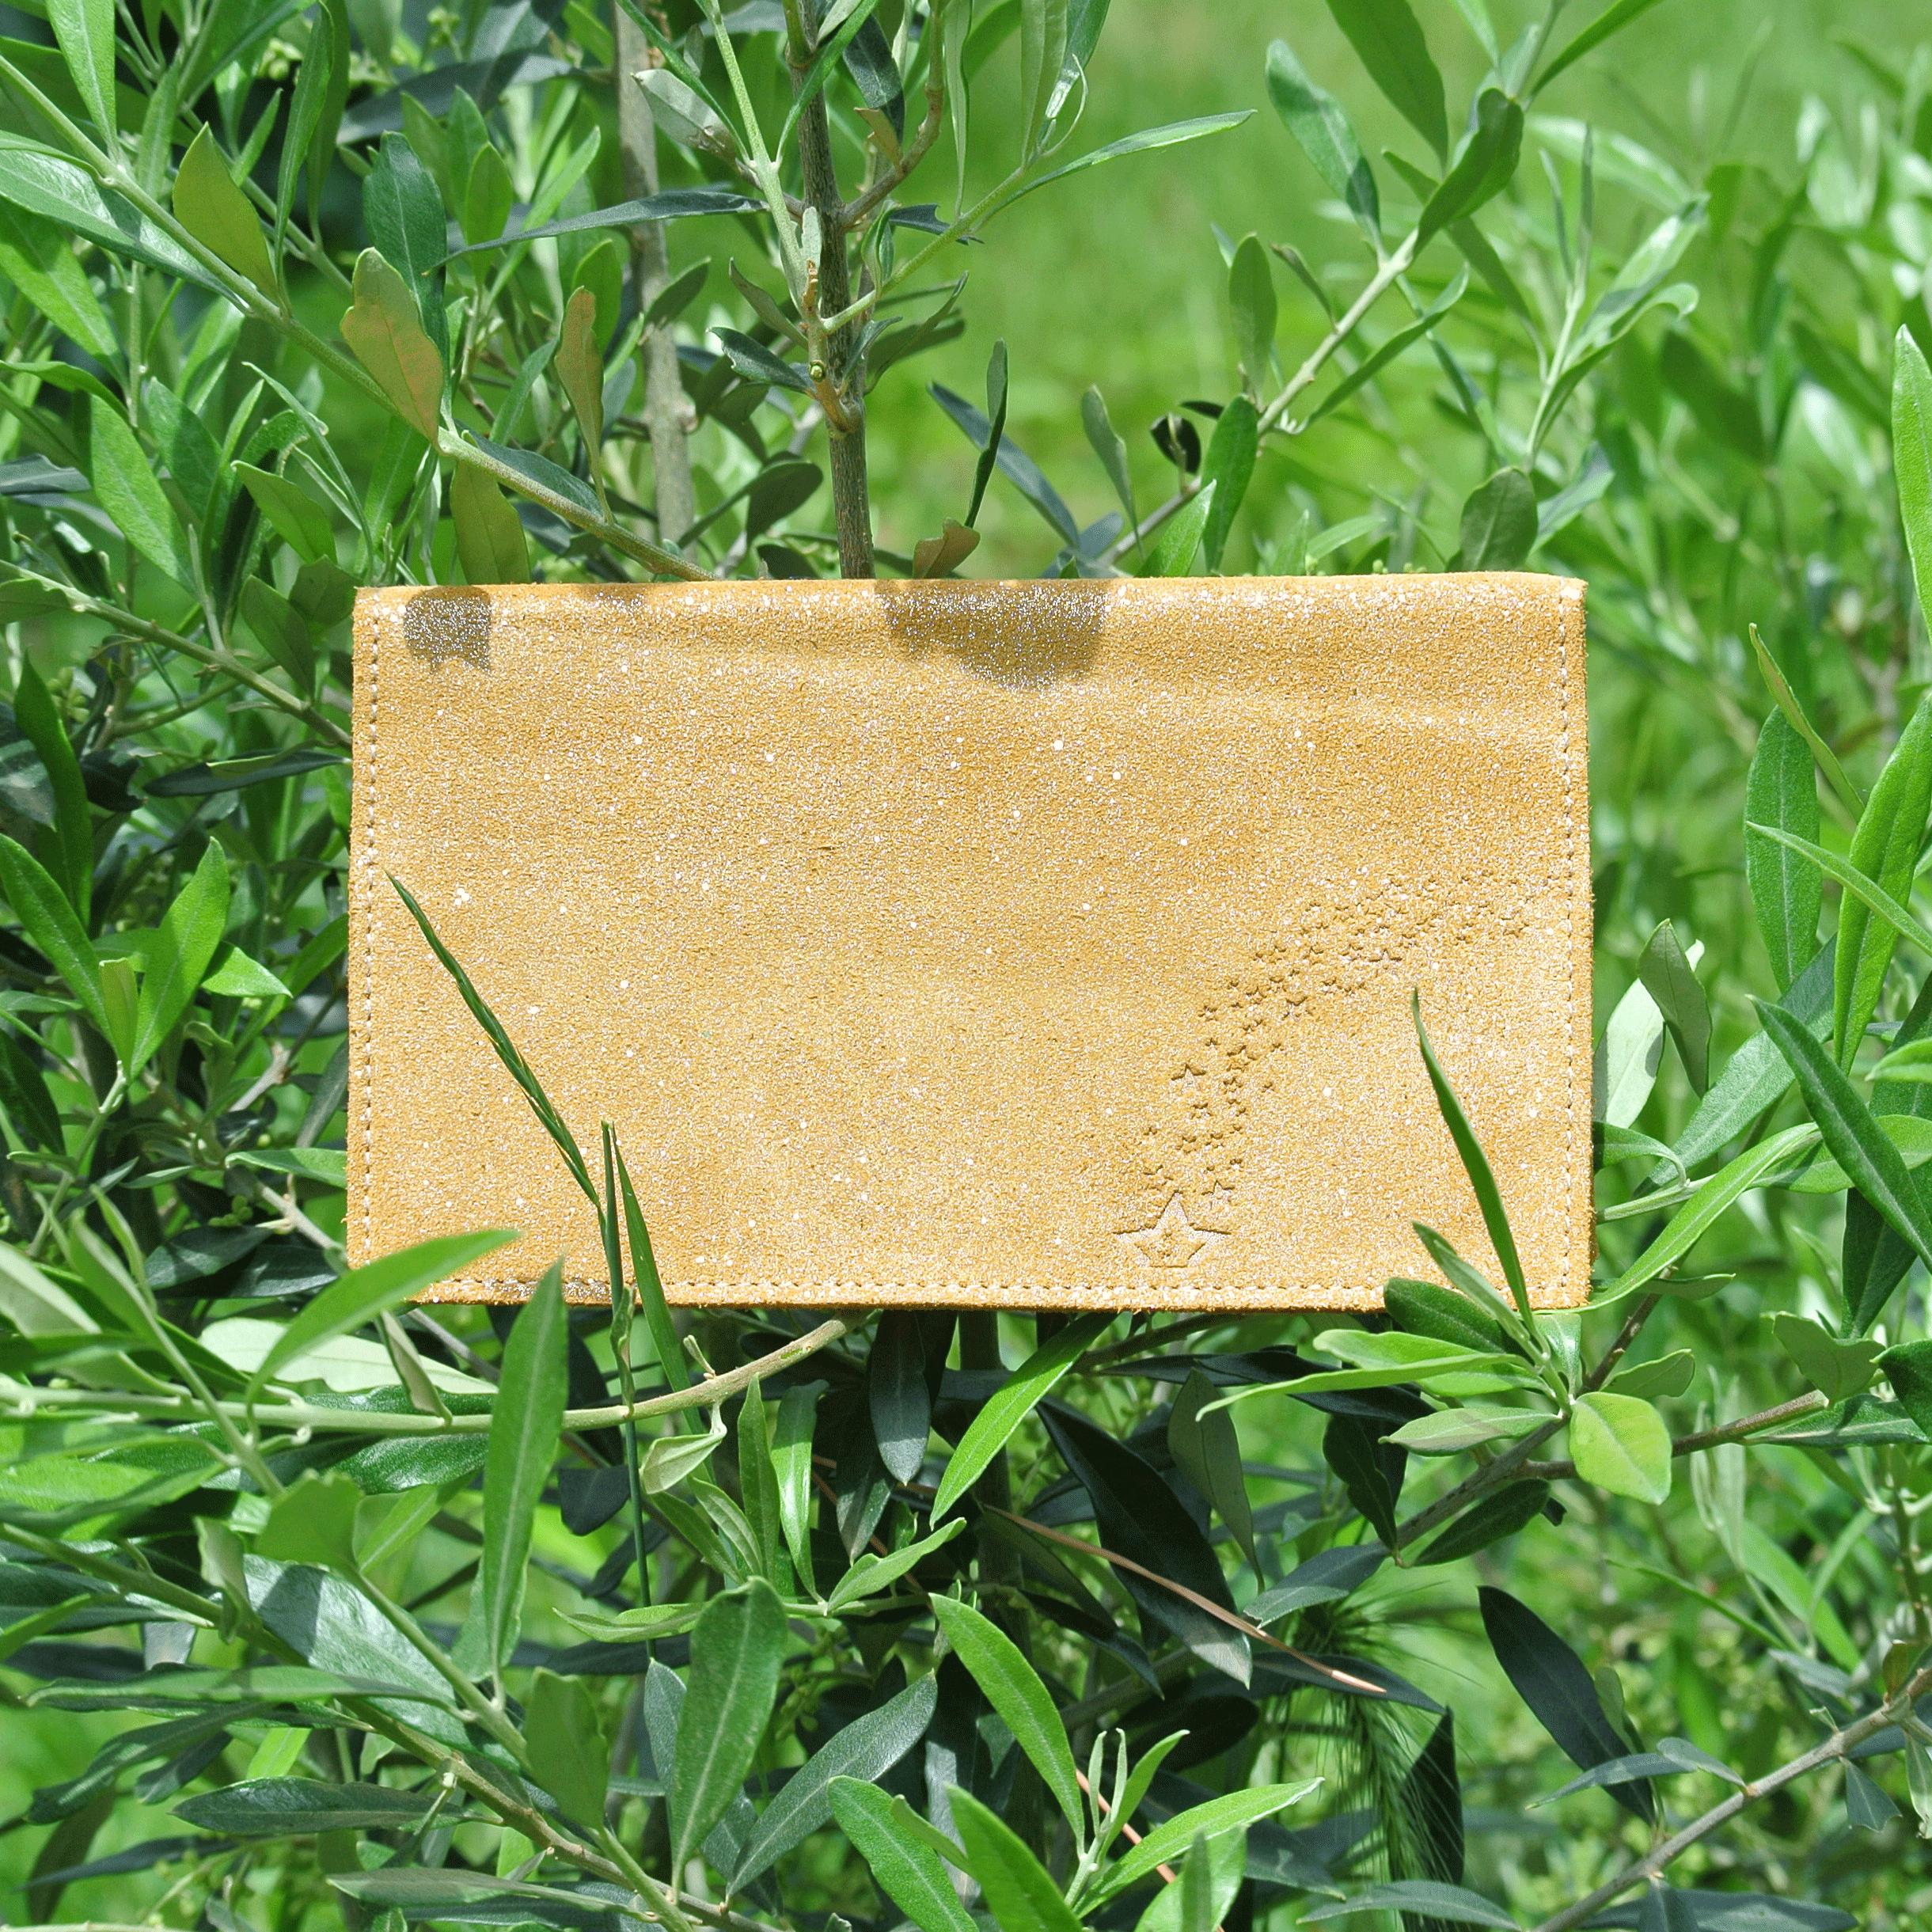 protege-chequier-cuirs-fantaisies-cuir-paillete-cuir-retro-cuir-nappa-cuir-graine-la-cartabliere-fabirque-en-france-miel